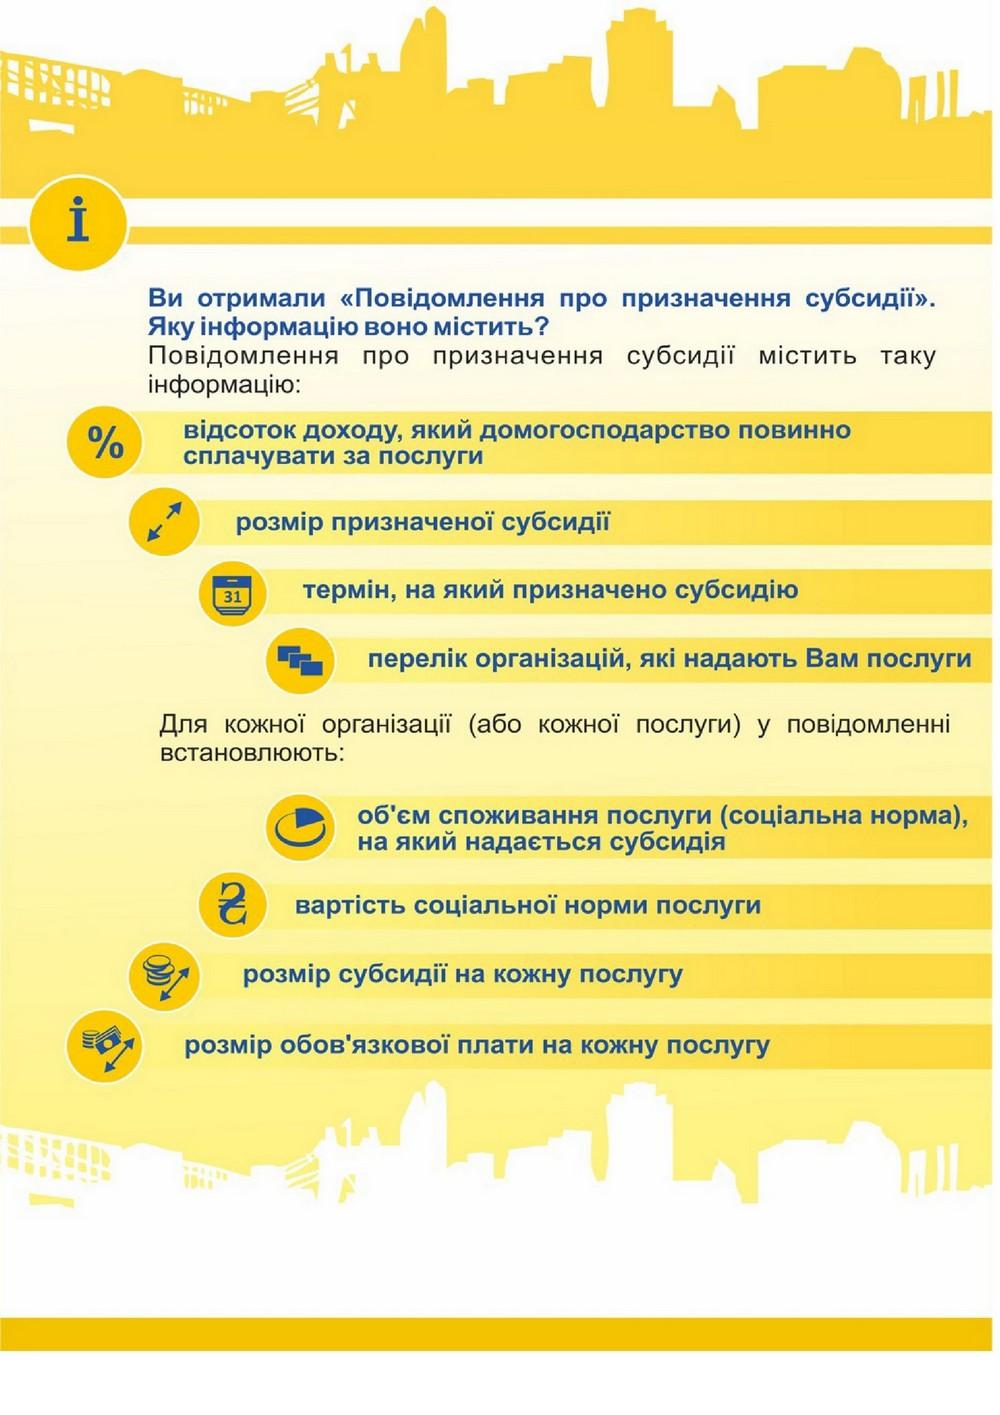 """Деякі актуальні питання щодо житлових субсидій 2_2 (Інформацію взято із сайту """"Інститут місцевого розвитку"""")"""